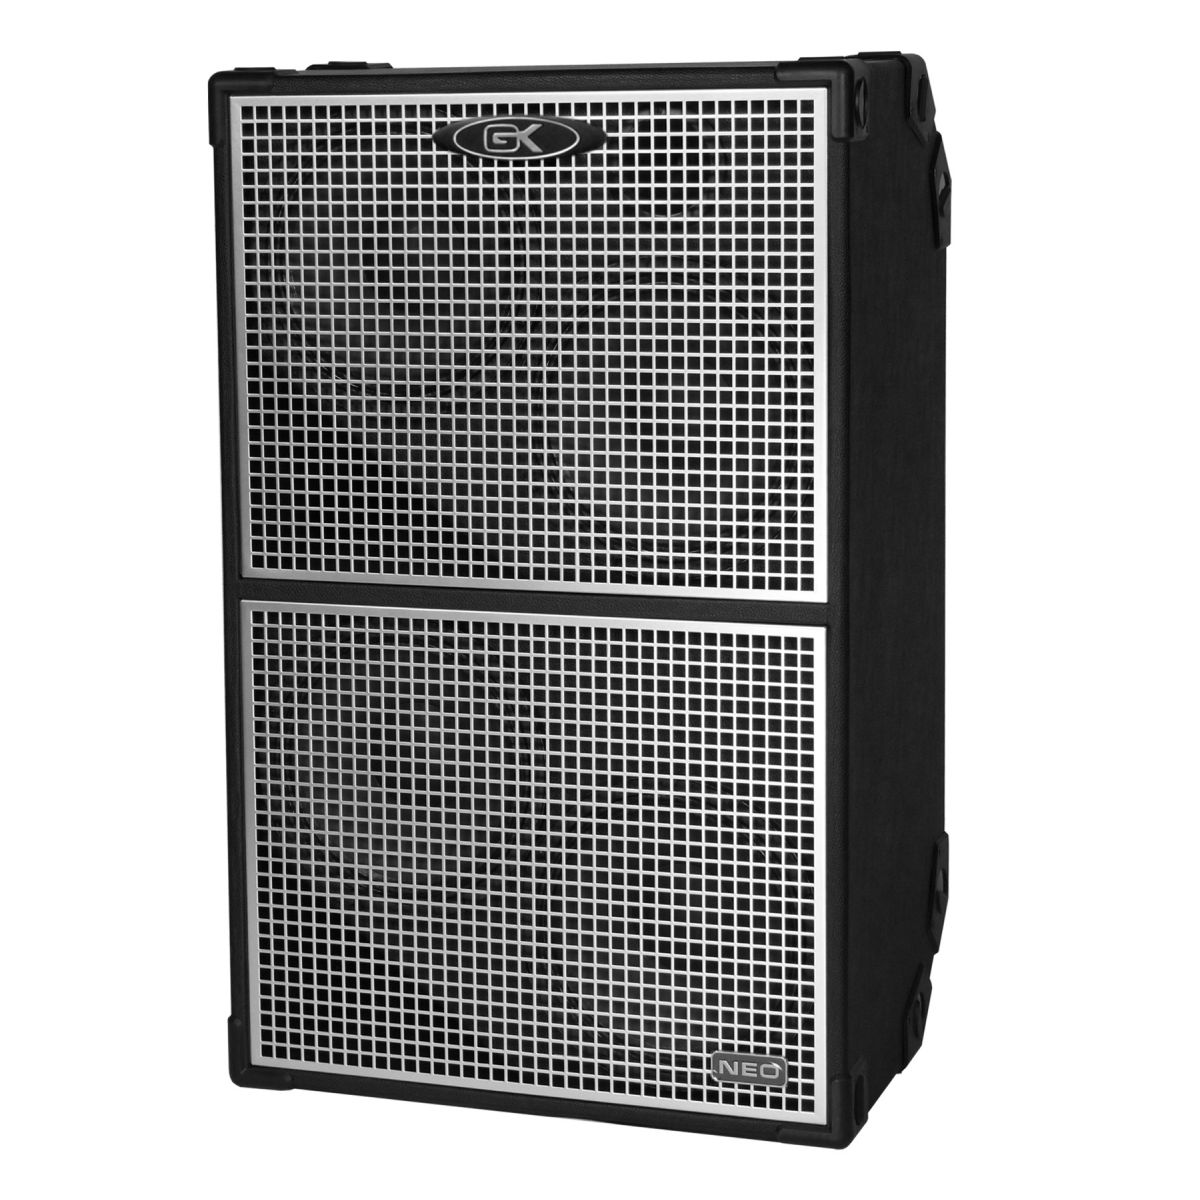 Gallien-Krueger NEO 412 Amplificador, Ideal para Baixo